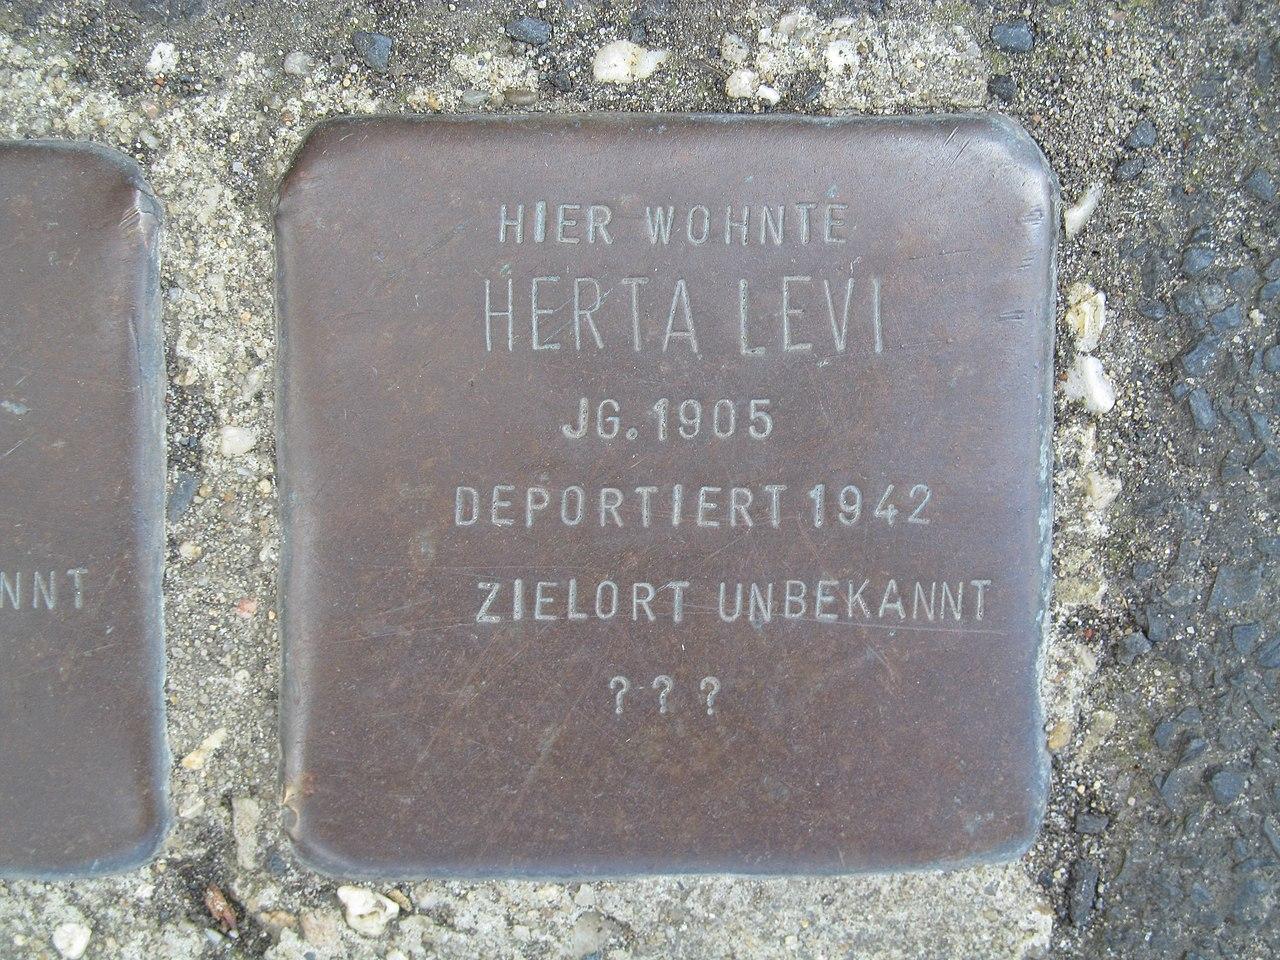 der Stolperstein für Levi Levi vor dem Haus Wiegelsweg 2 in der Friedrich-Ebert-Straße in Treysa